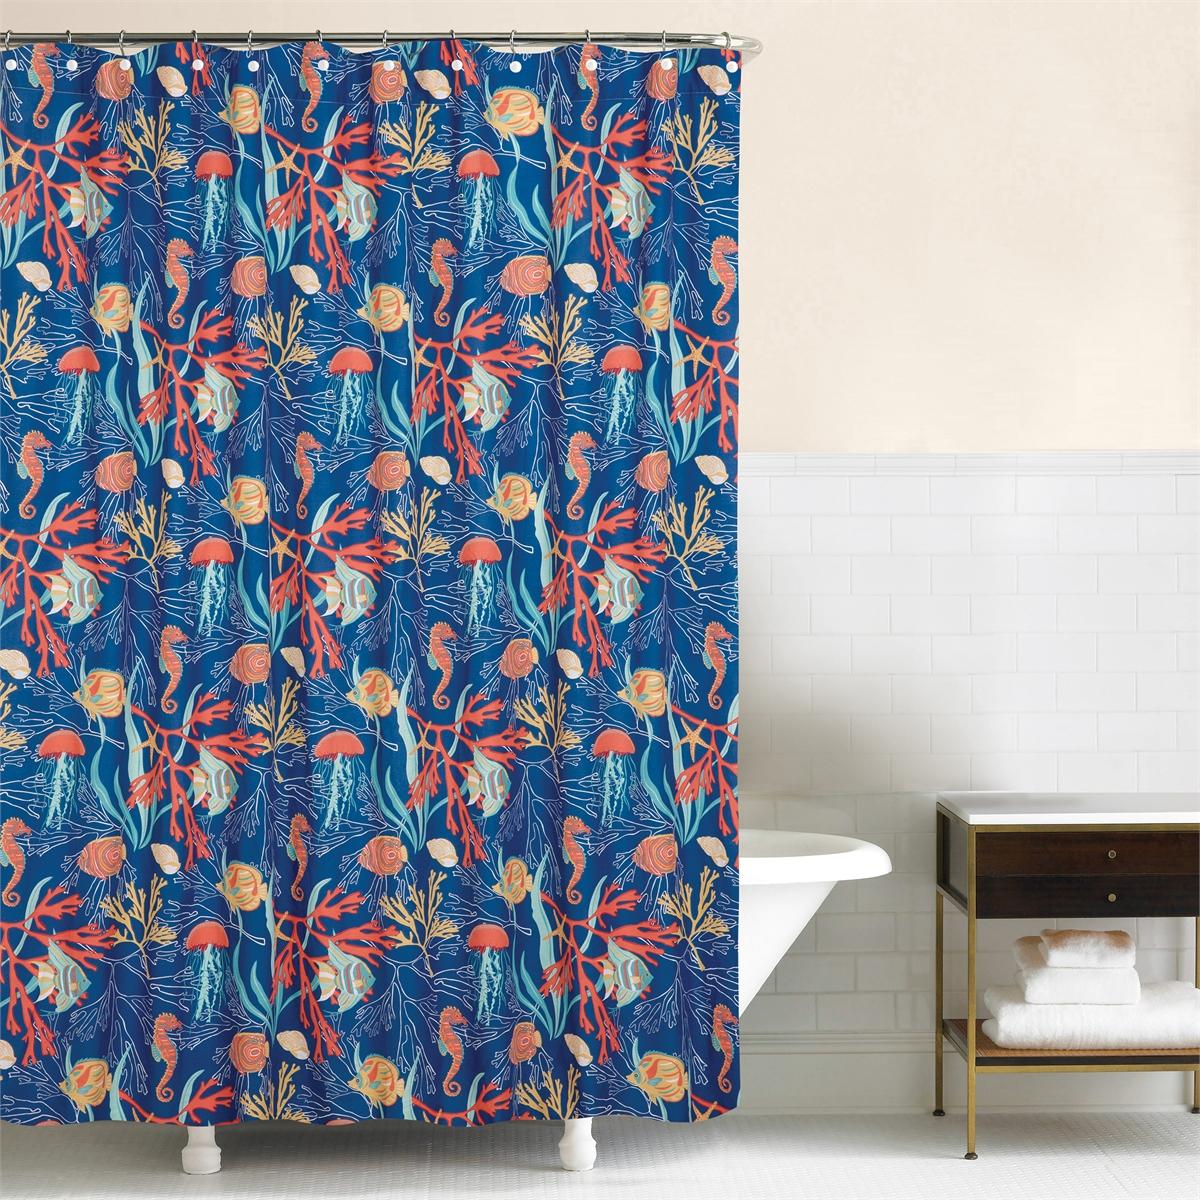 Bimini Island Shower Curtain